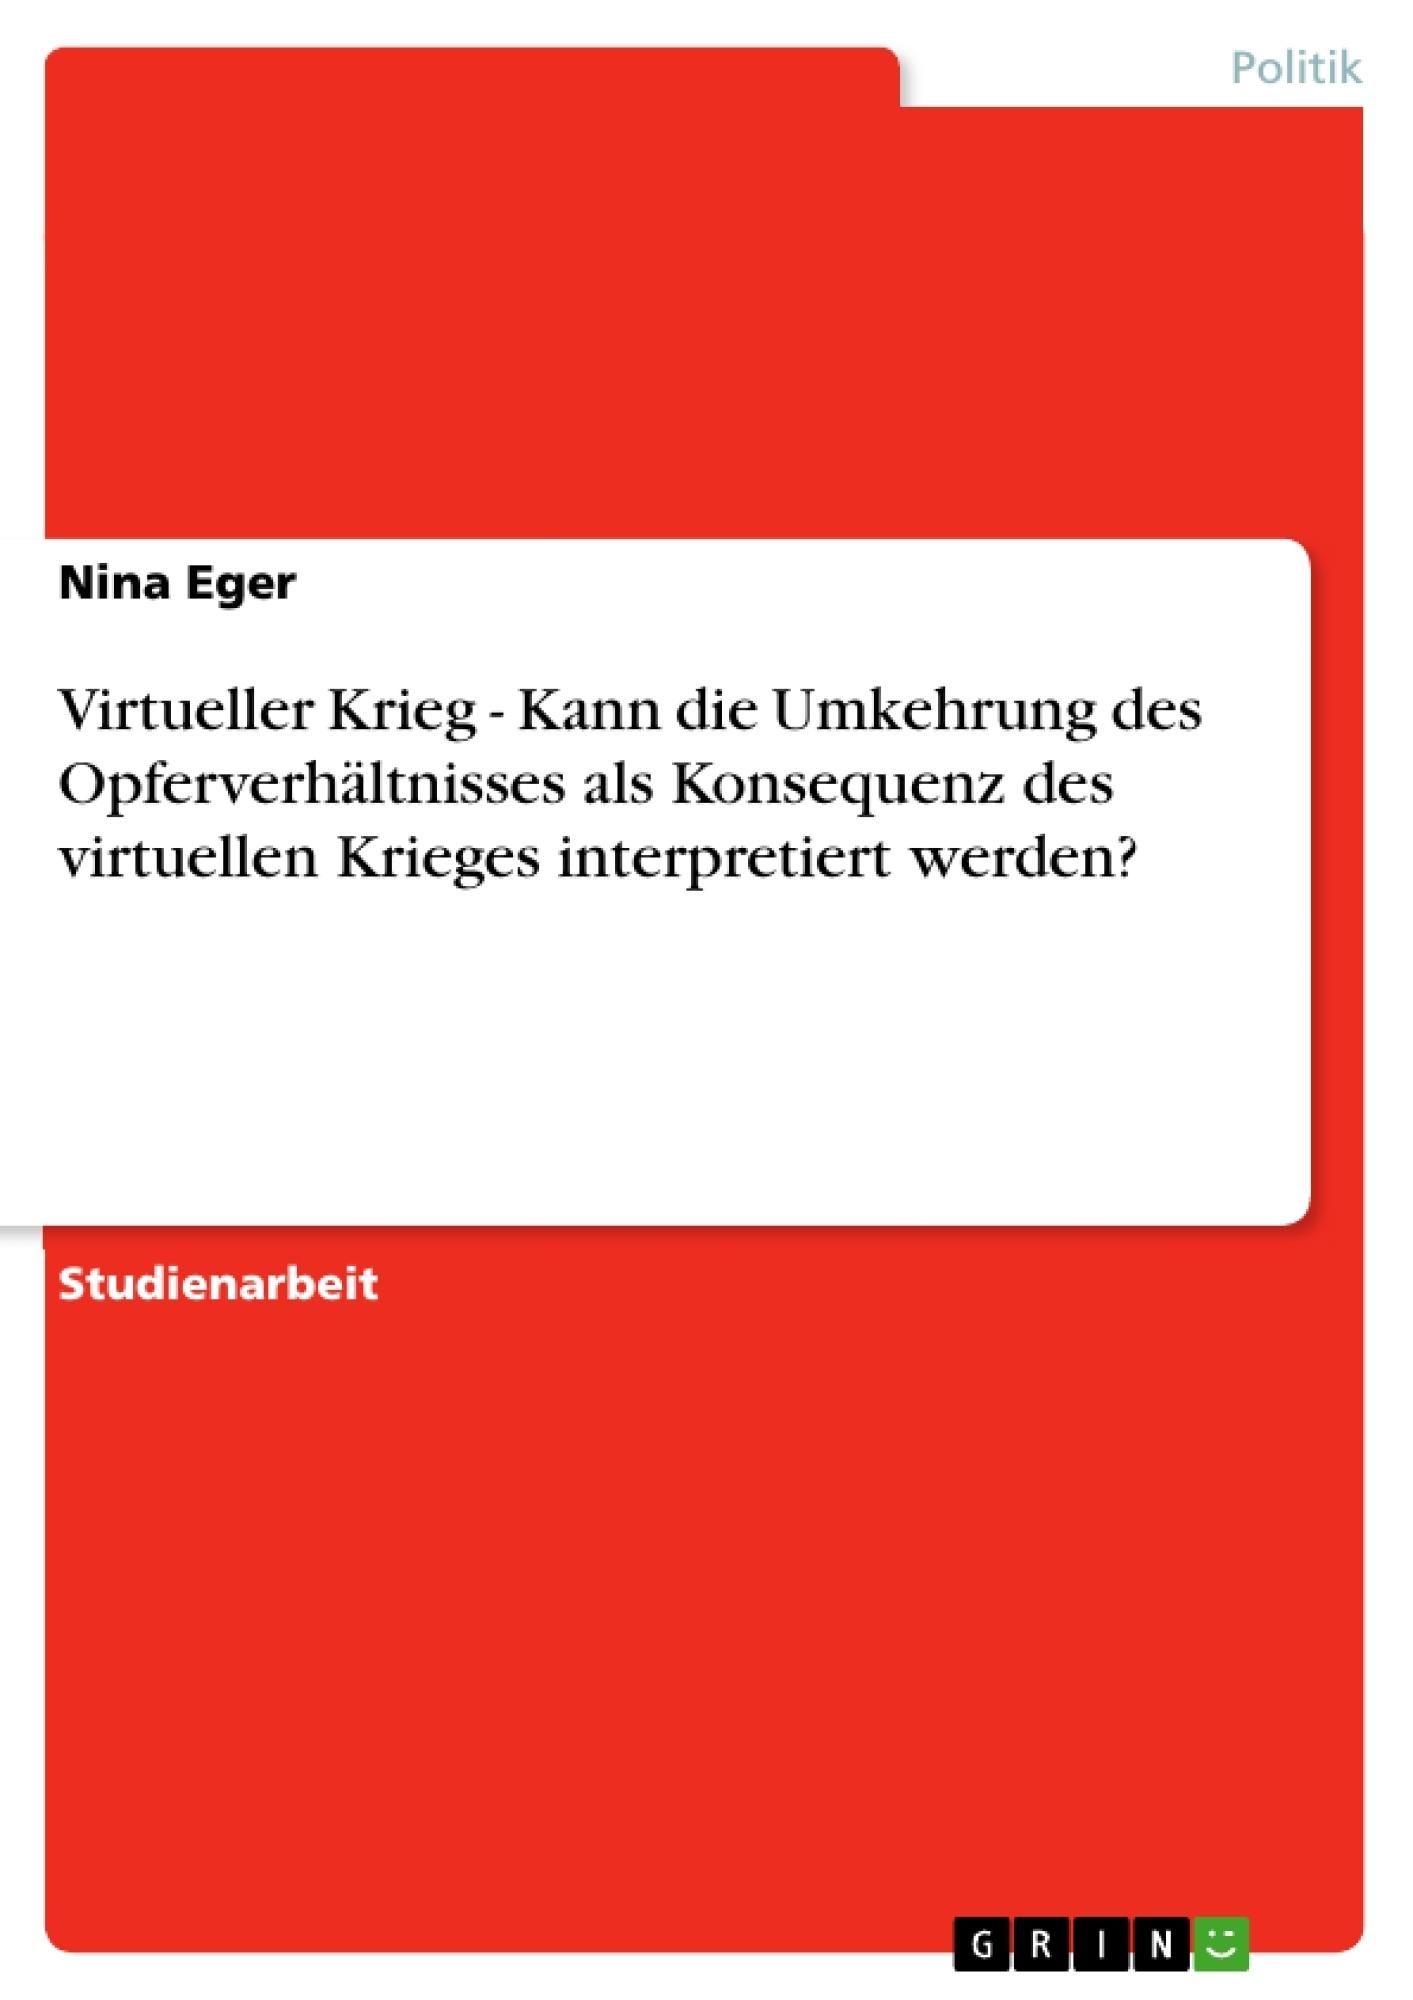 Titel: Virtueller Krieg - Kann die Umkehrung des Opferverhältnisses als Konsequenz des virtuellen Krieges interpretiert werden?